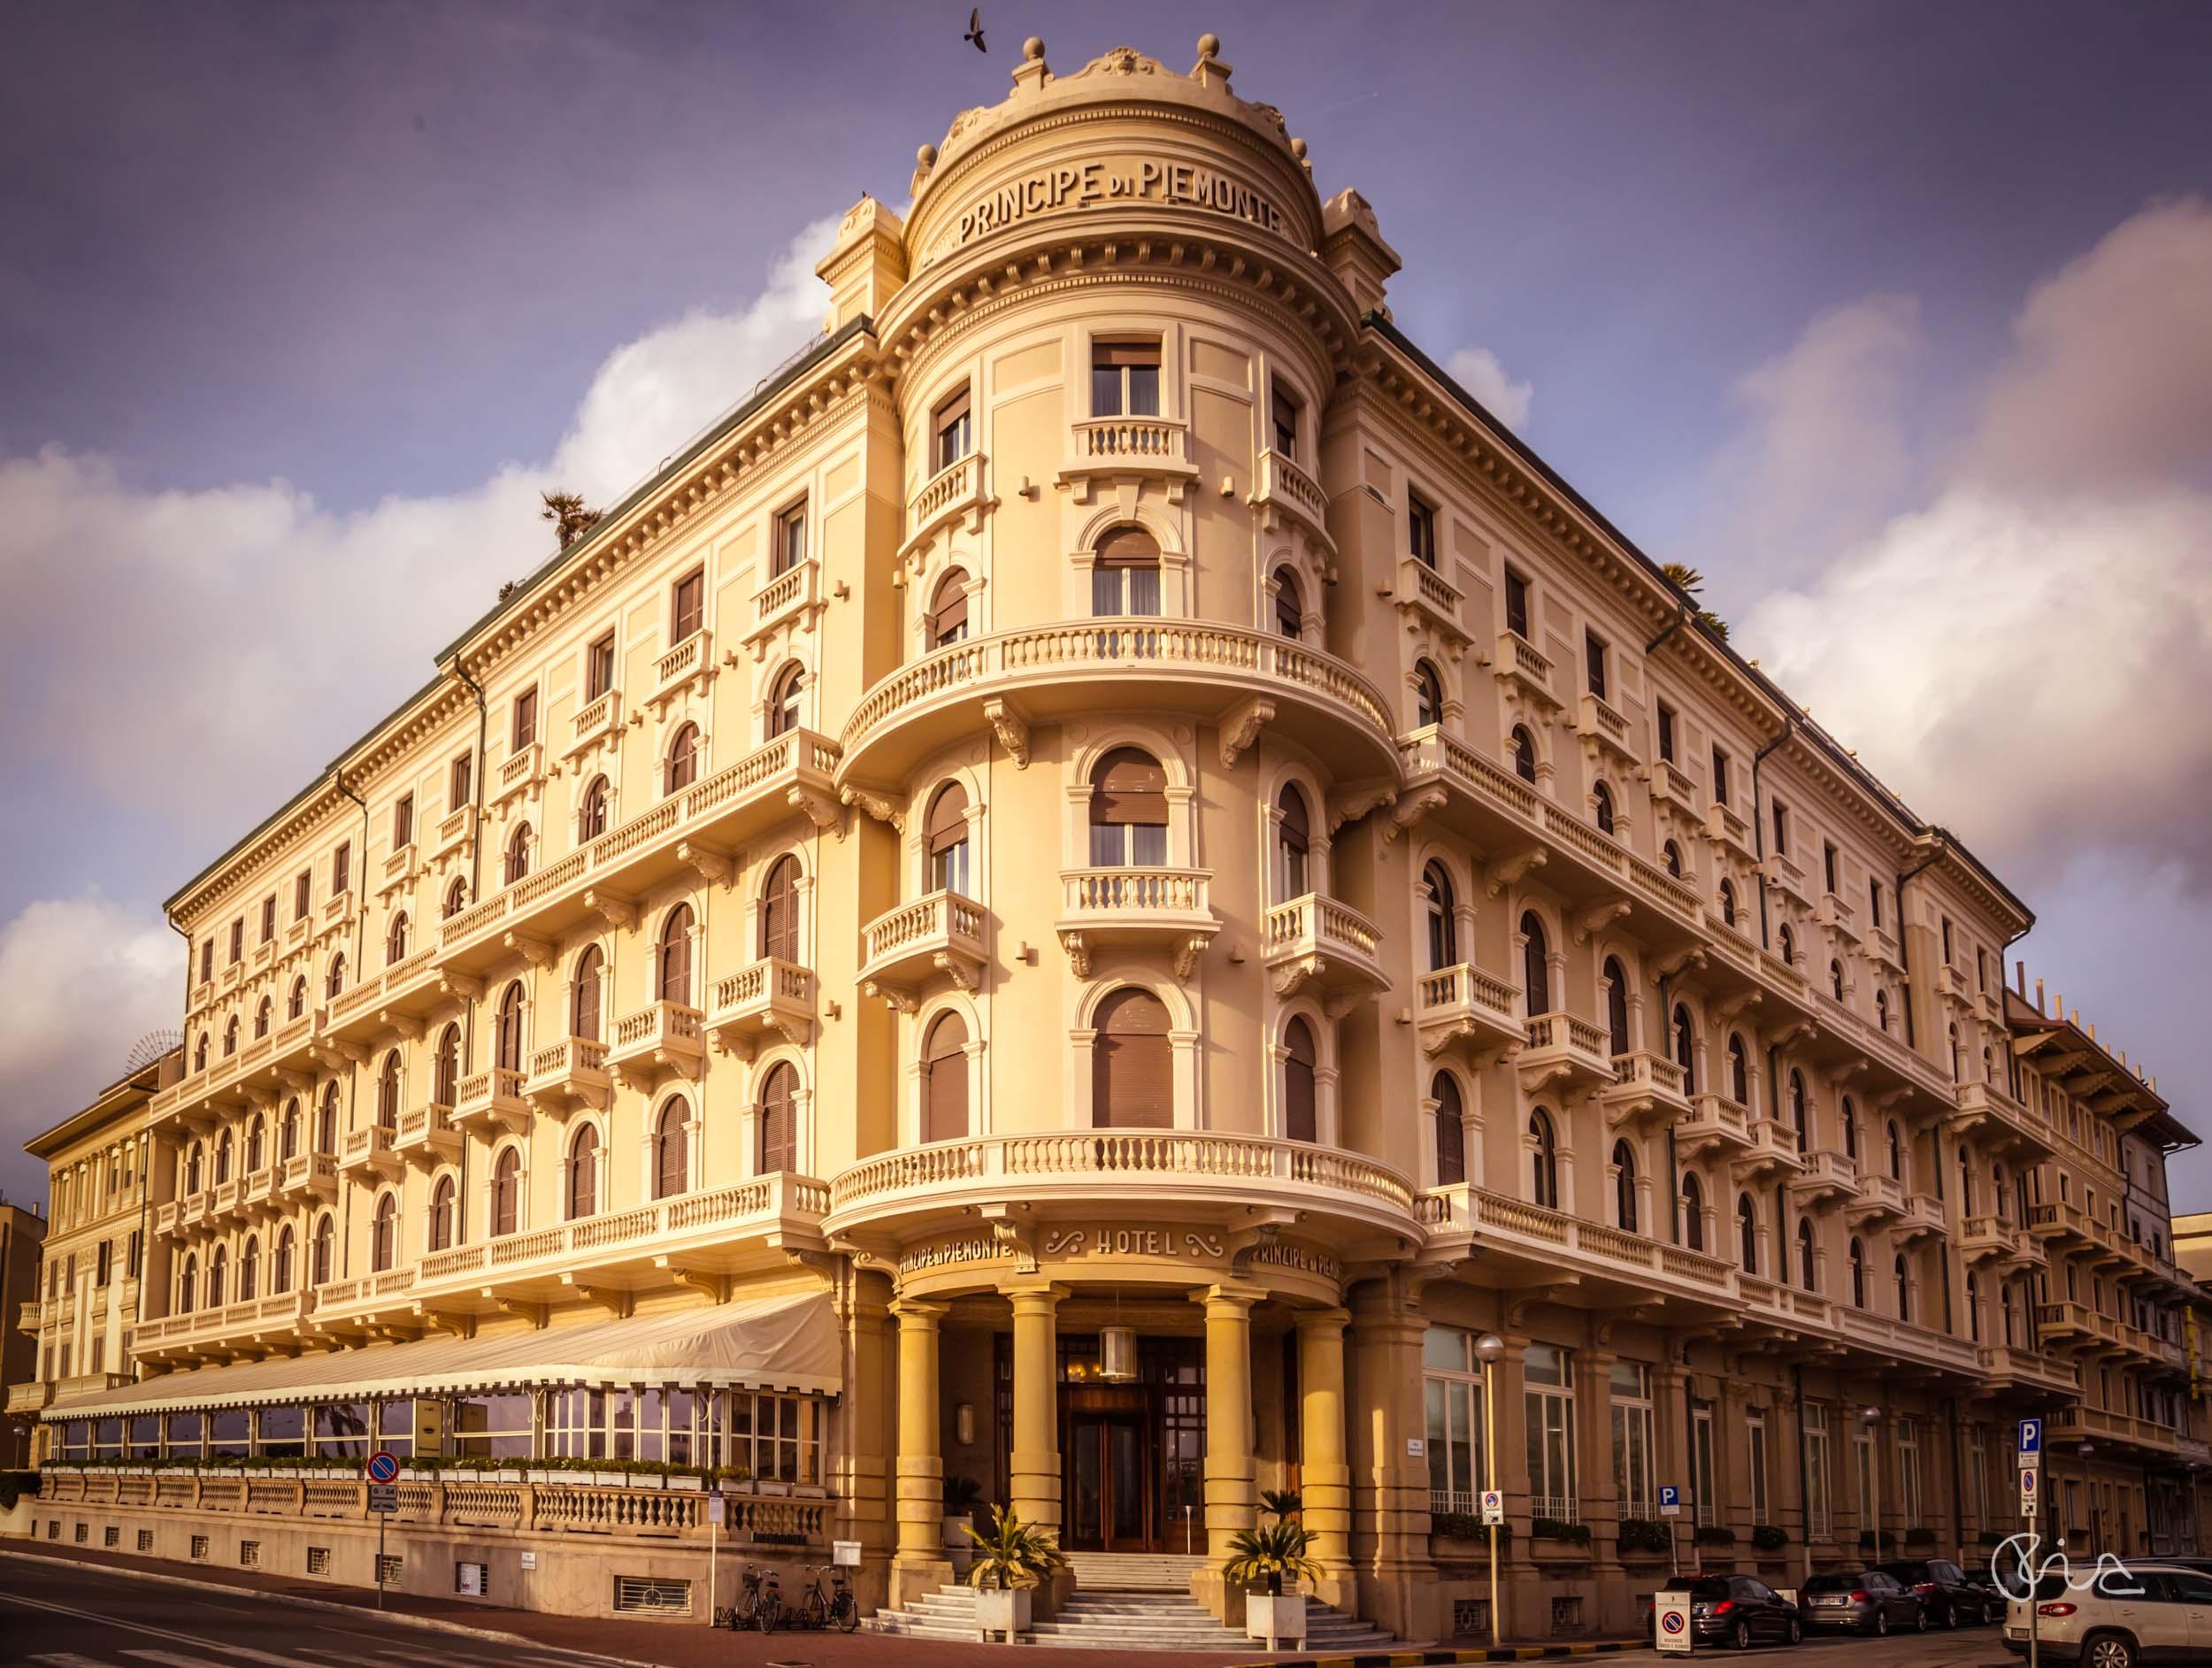 Hotel Principe di Piemonte in Viareggio